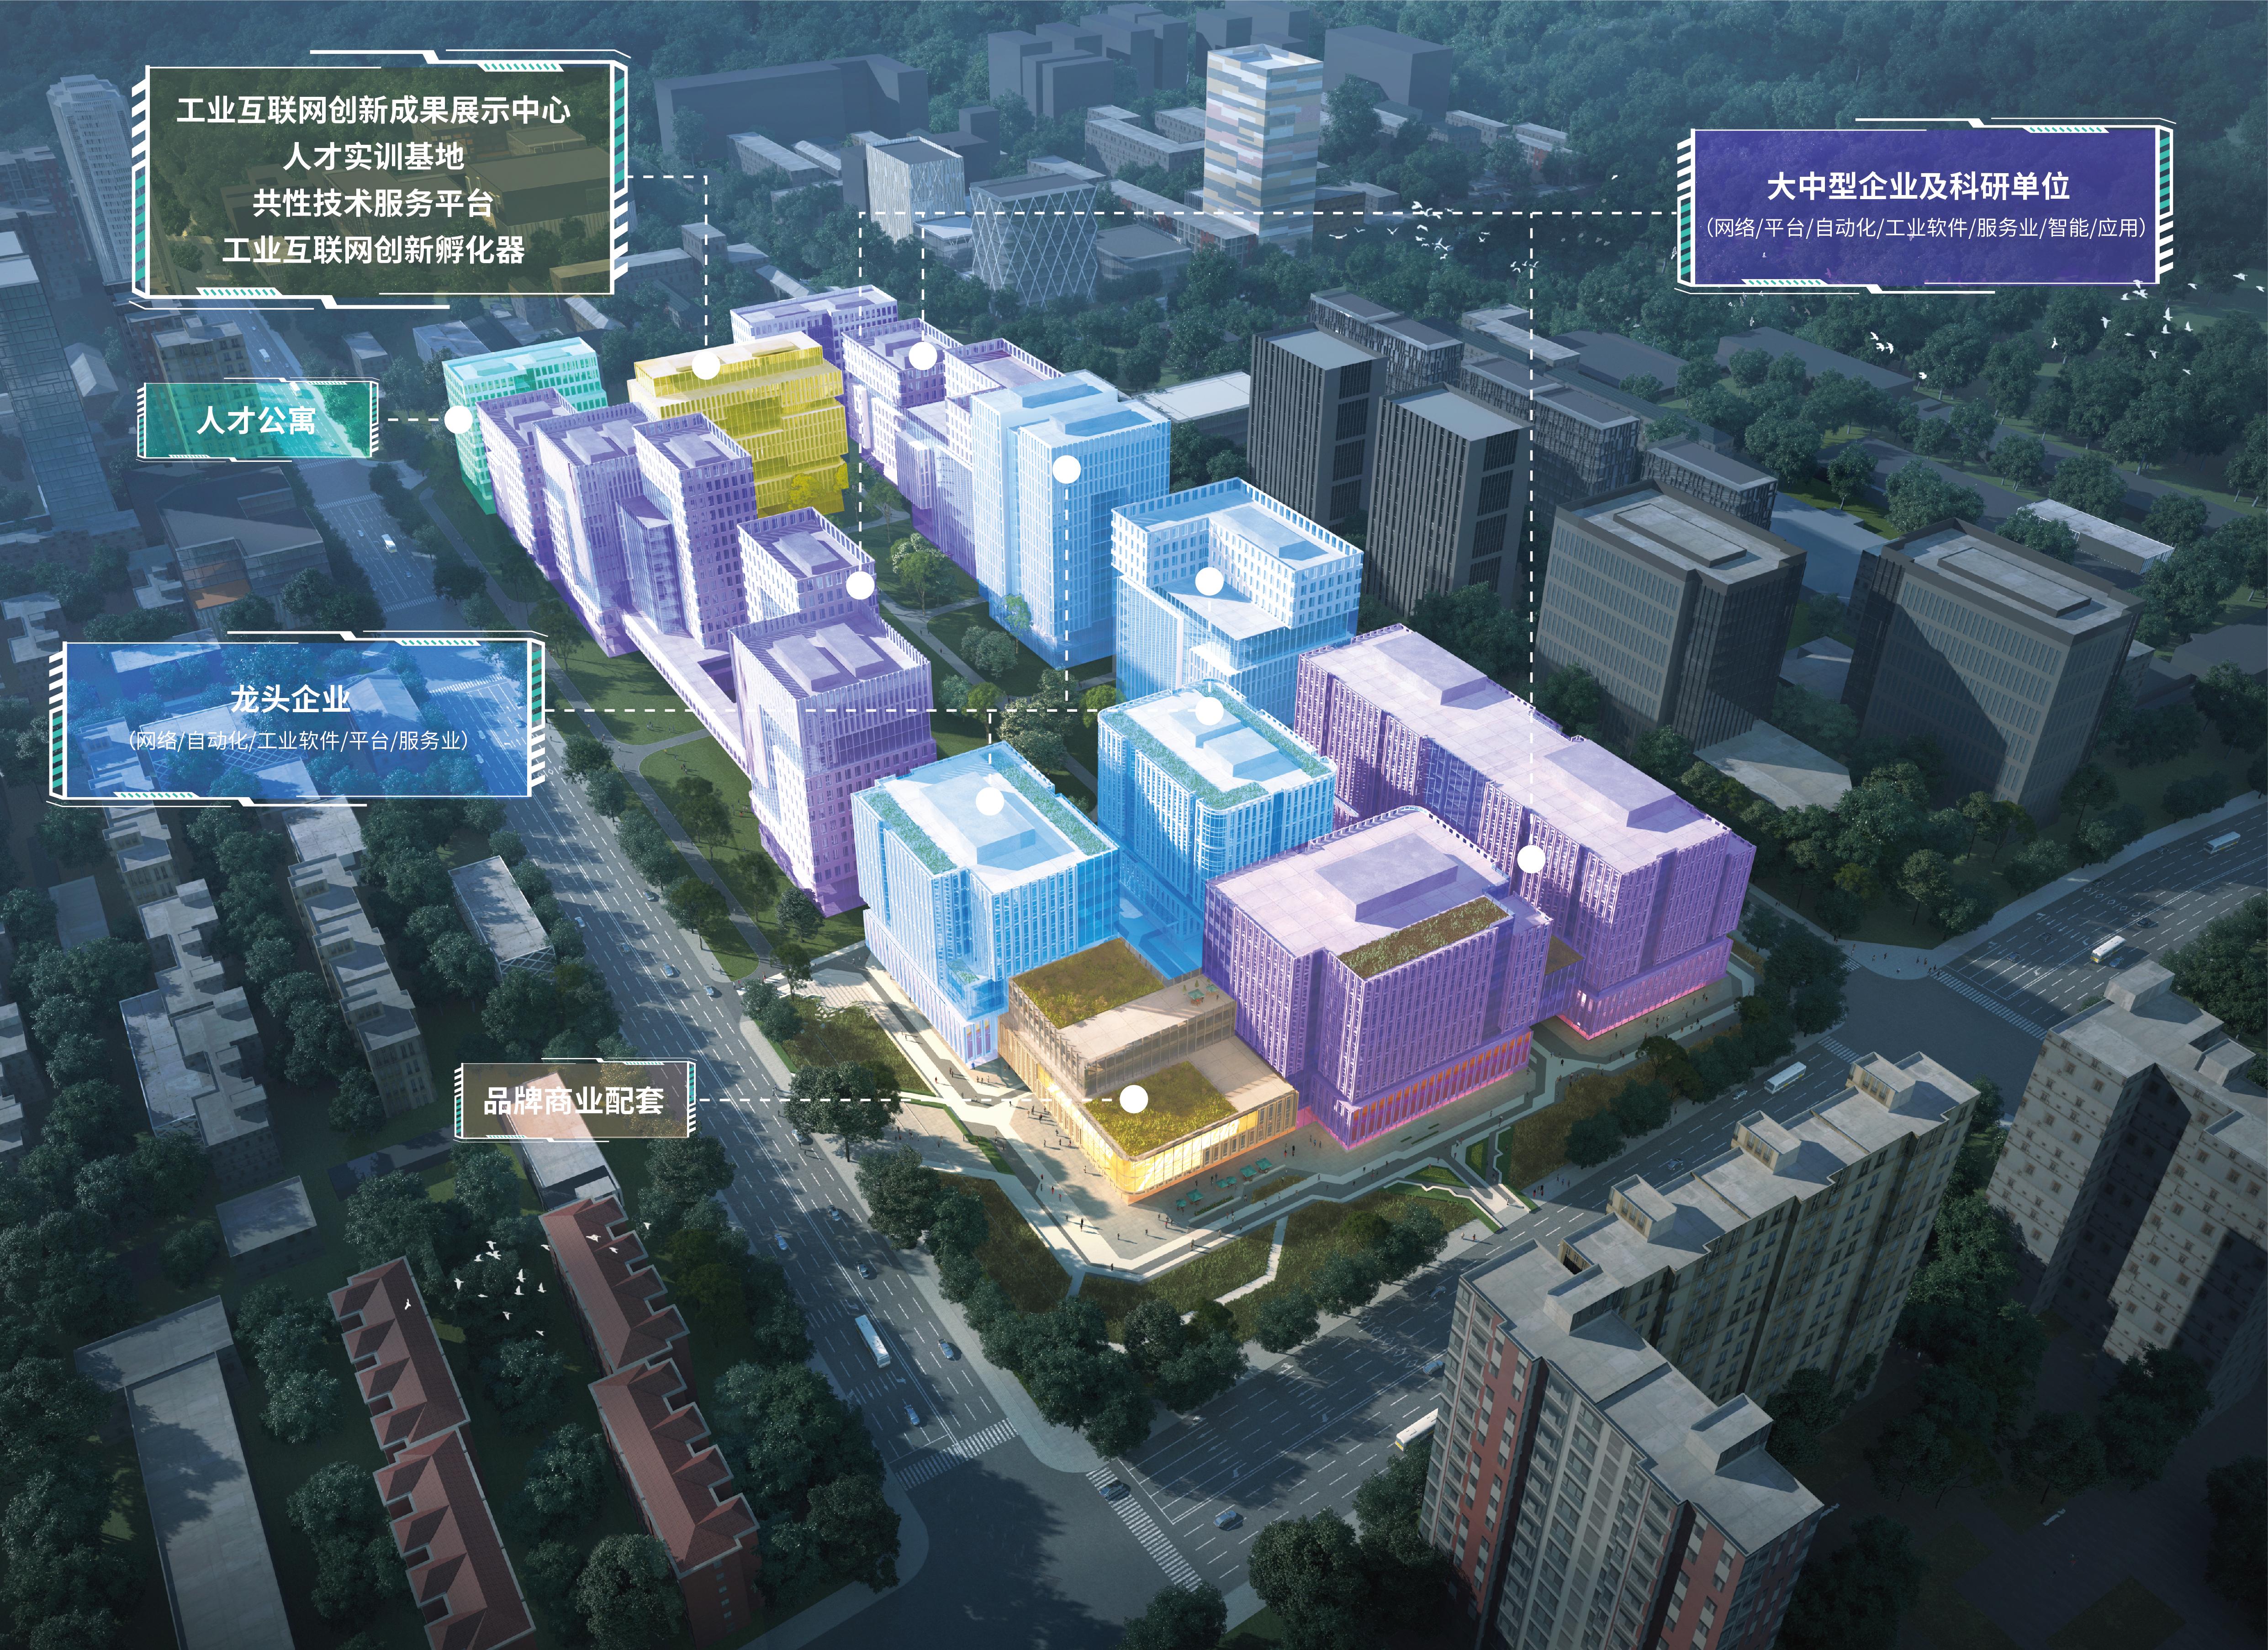 建设北京最大工业互联网产业园,年产值500亿